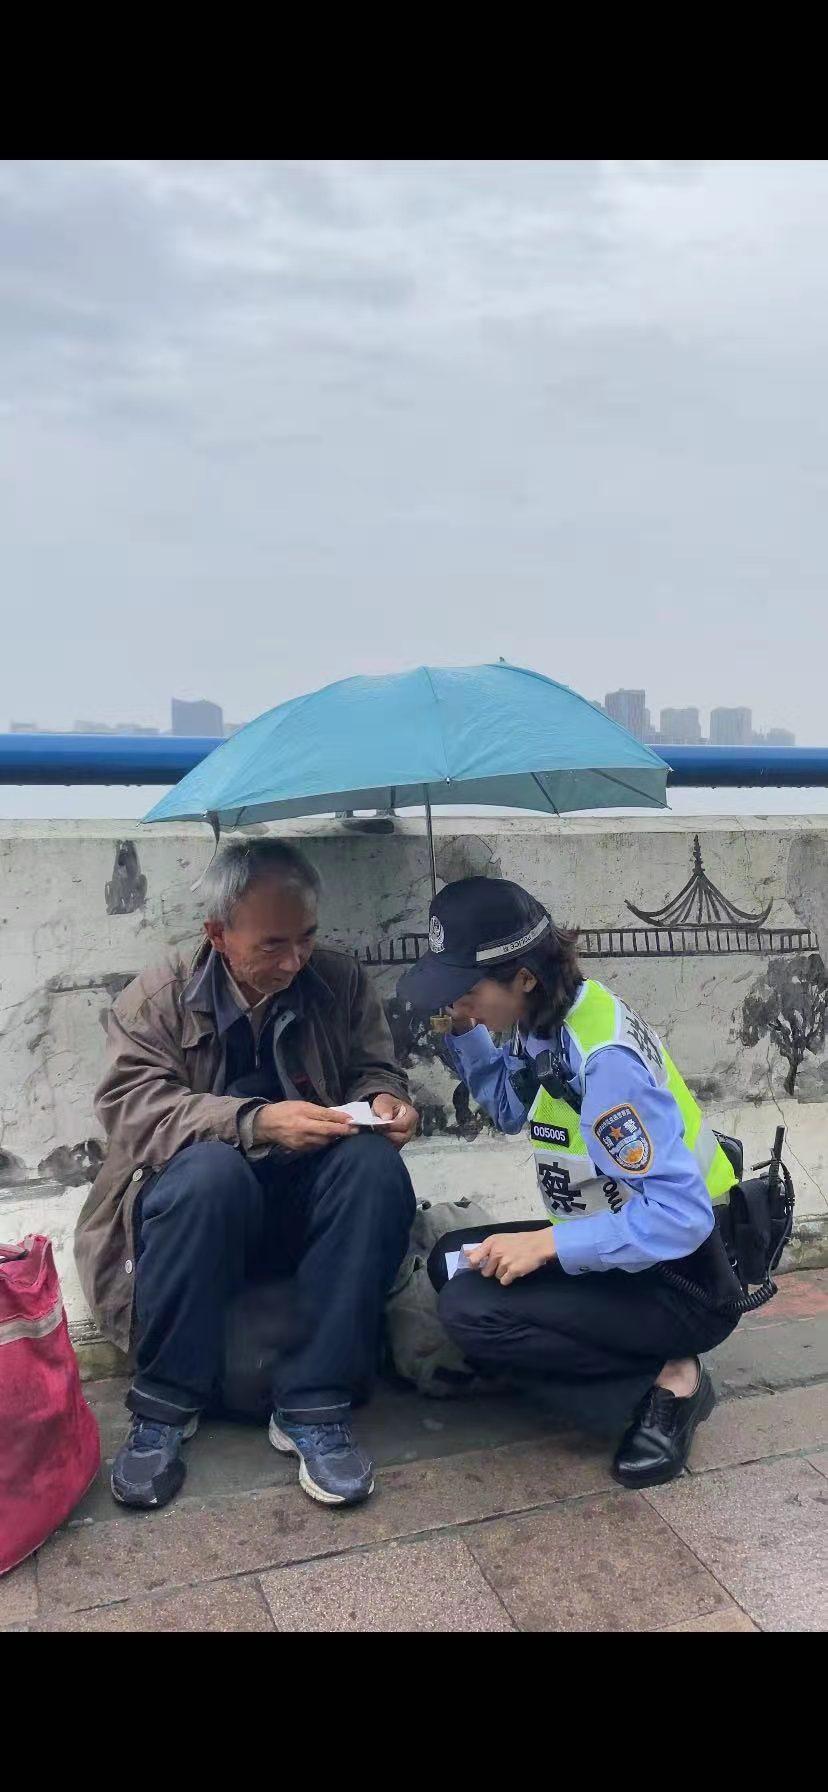 钟萍救助流浪大伯时被同事拍下。